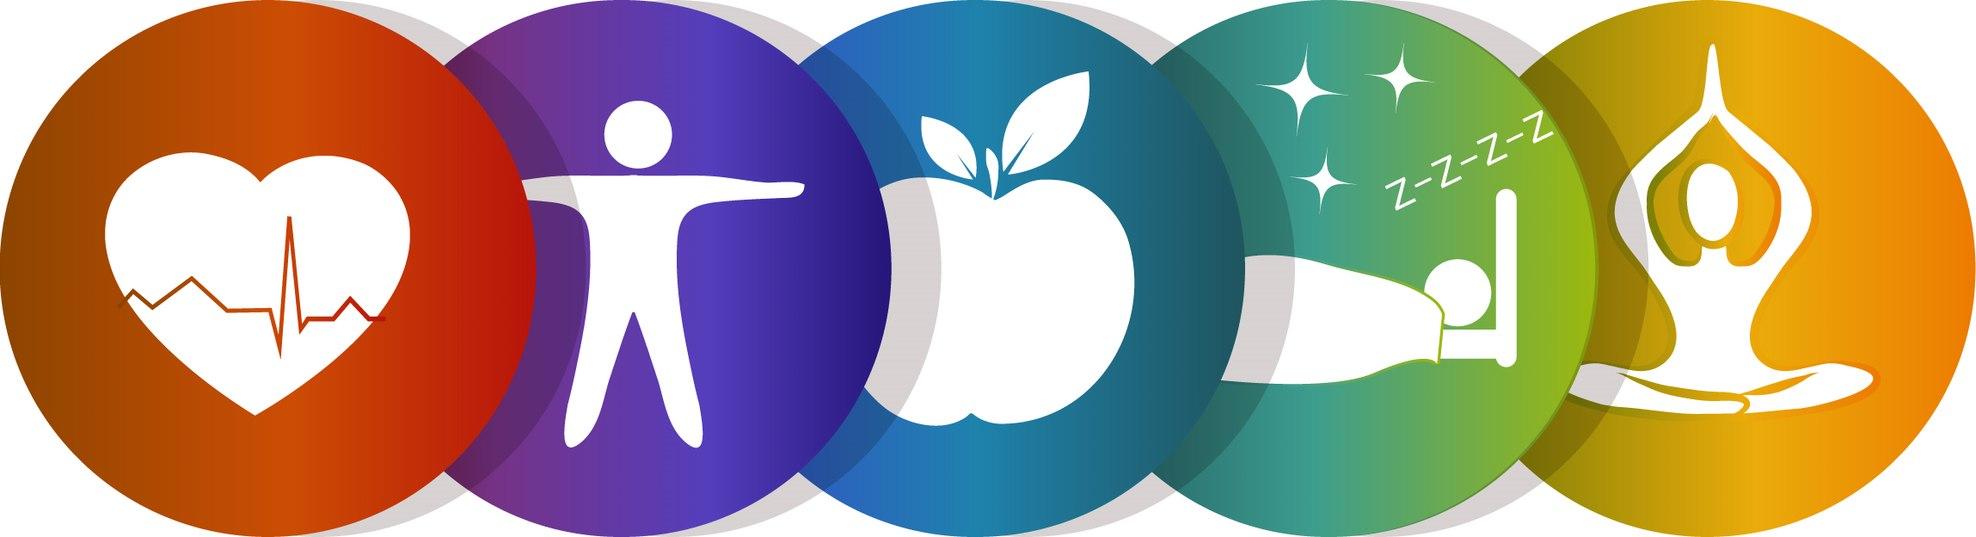 Διάφορα σύμβολα υγείας